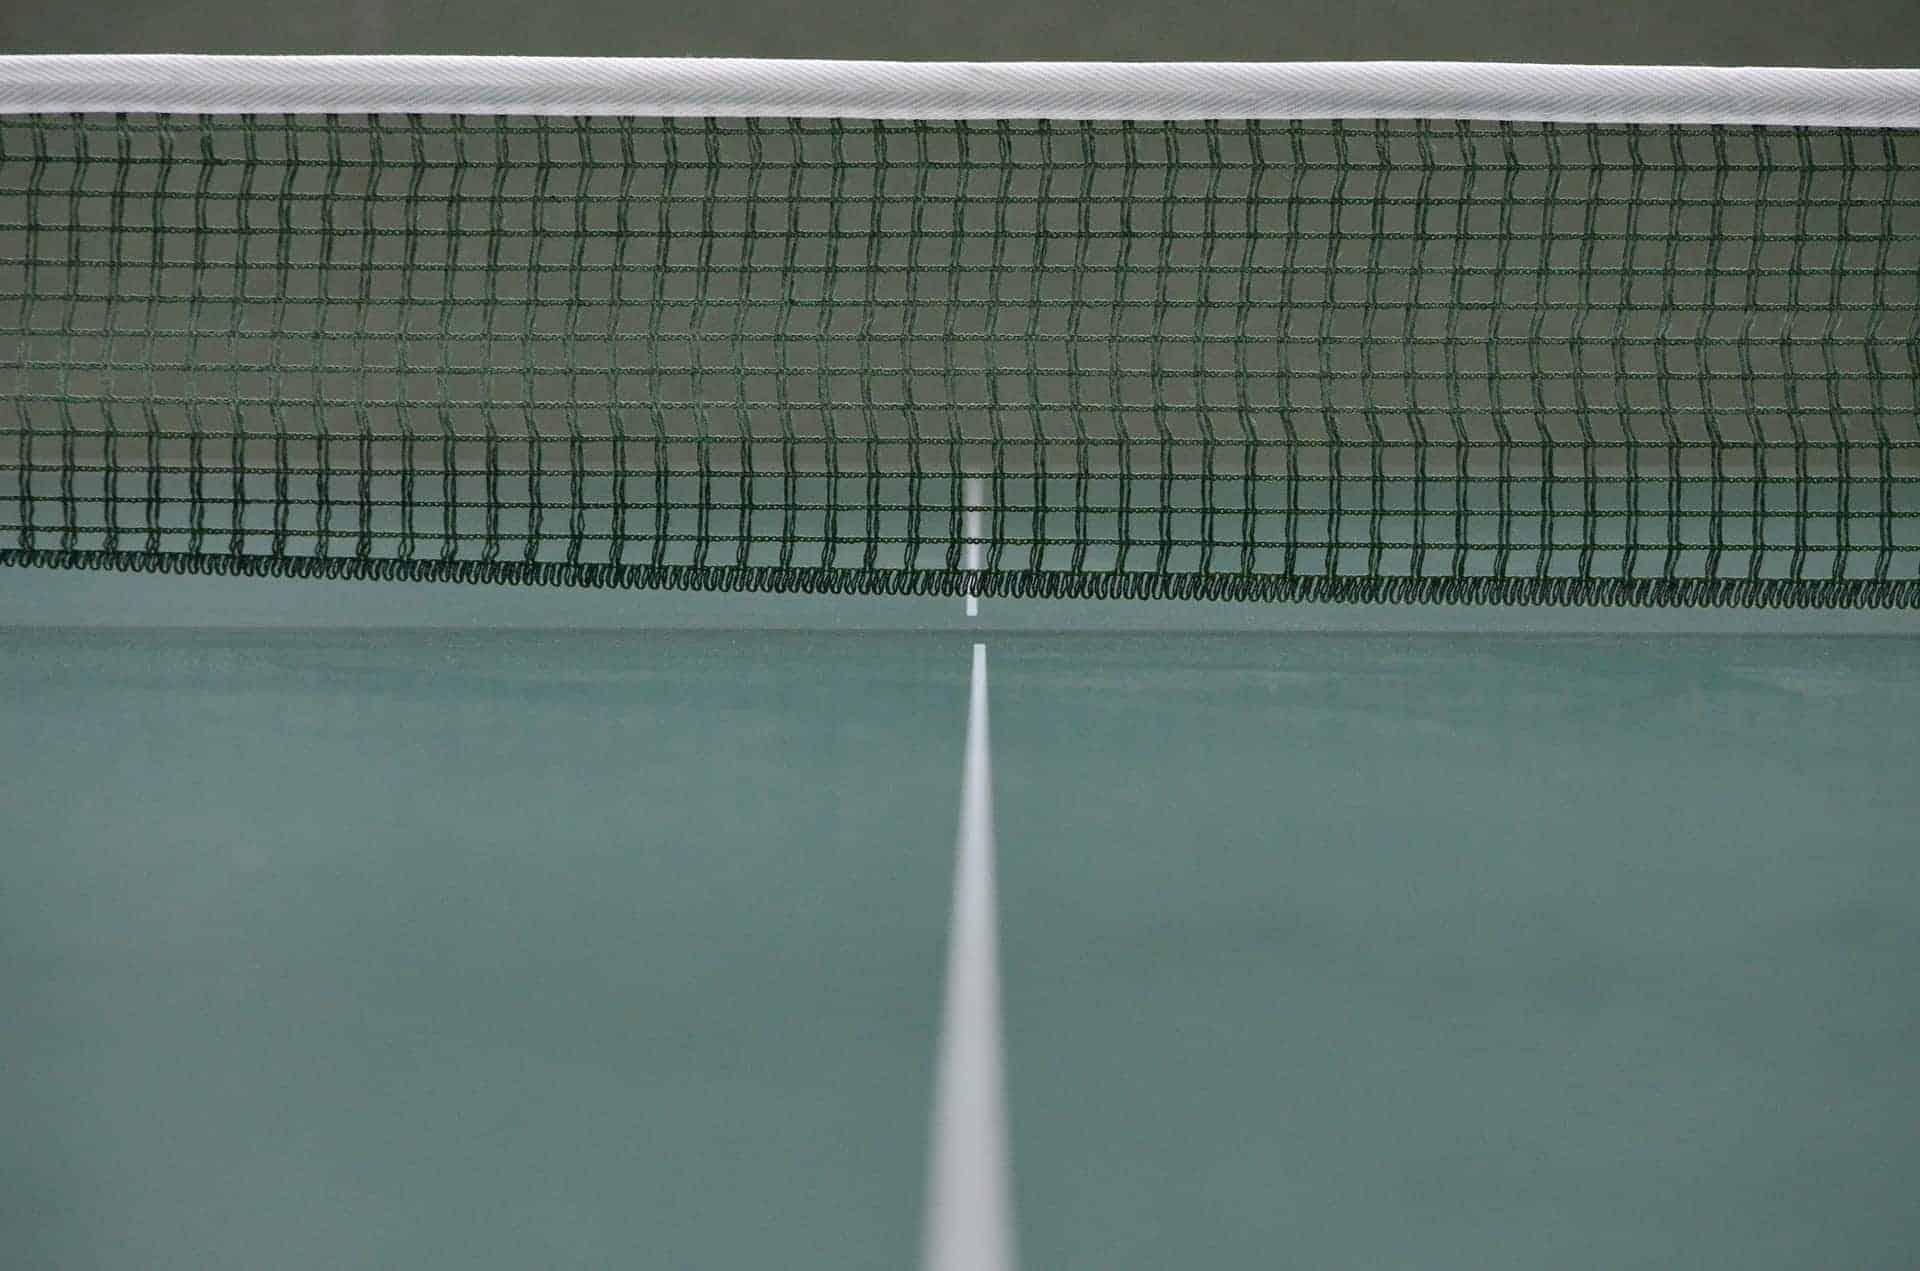 Tischtennisplatte: Test & Empfehlungen (05/21)